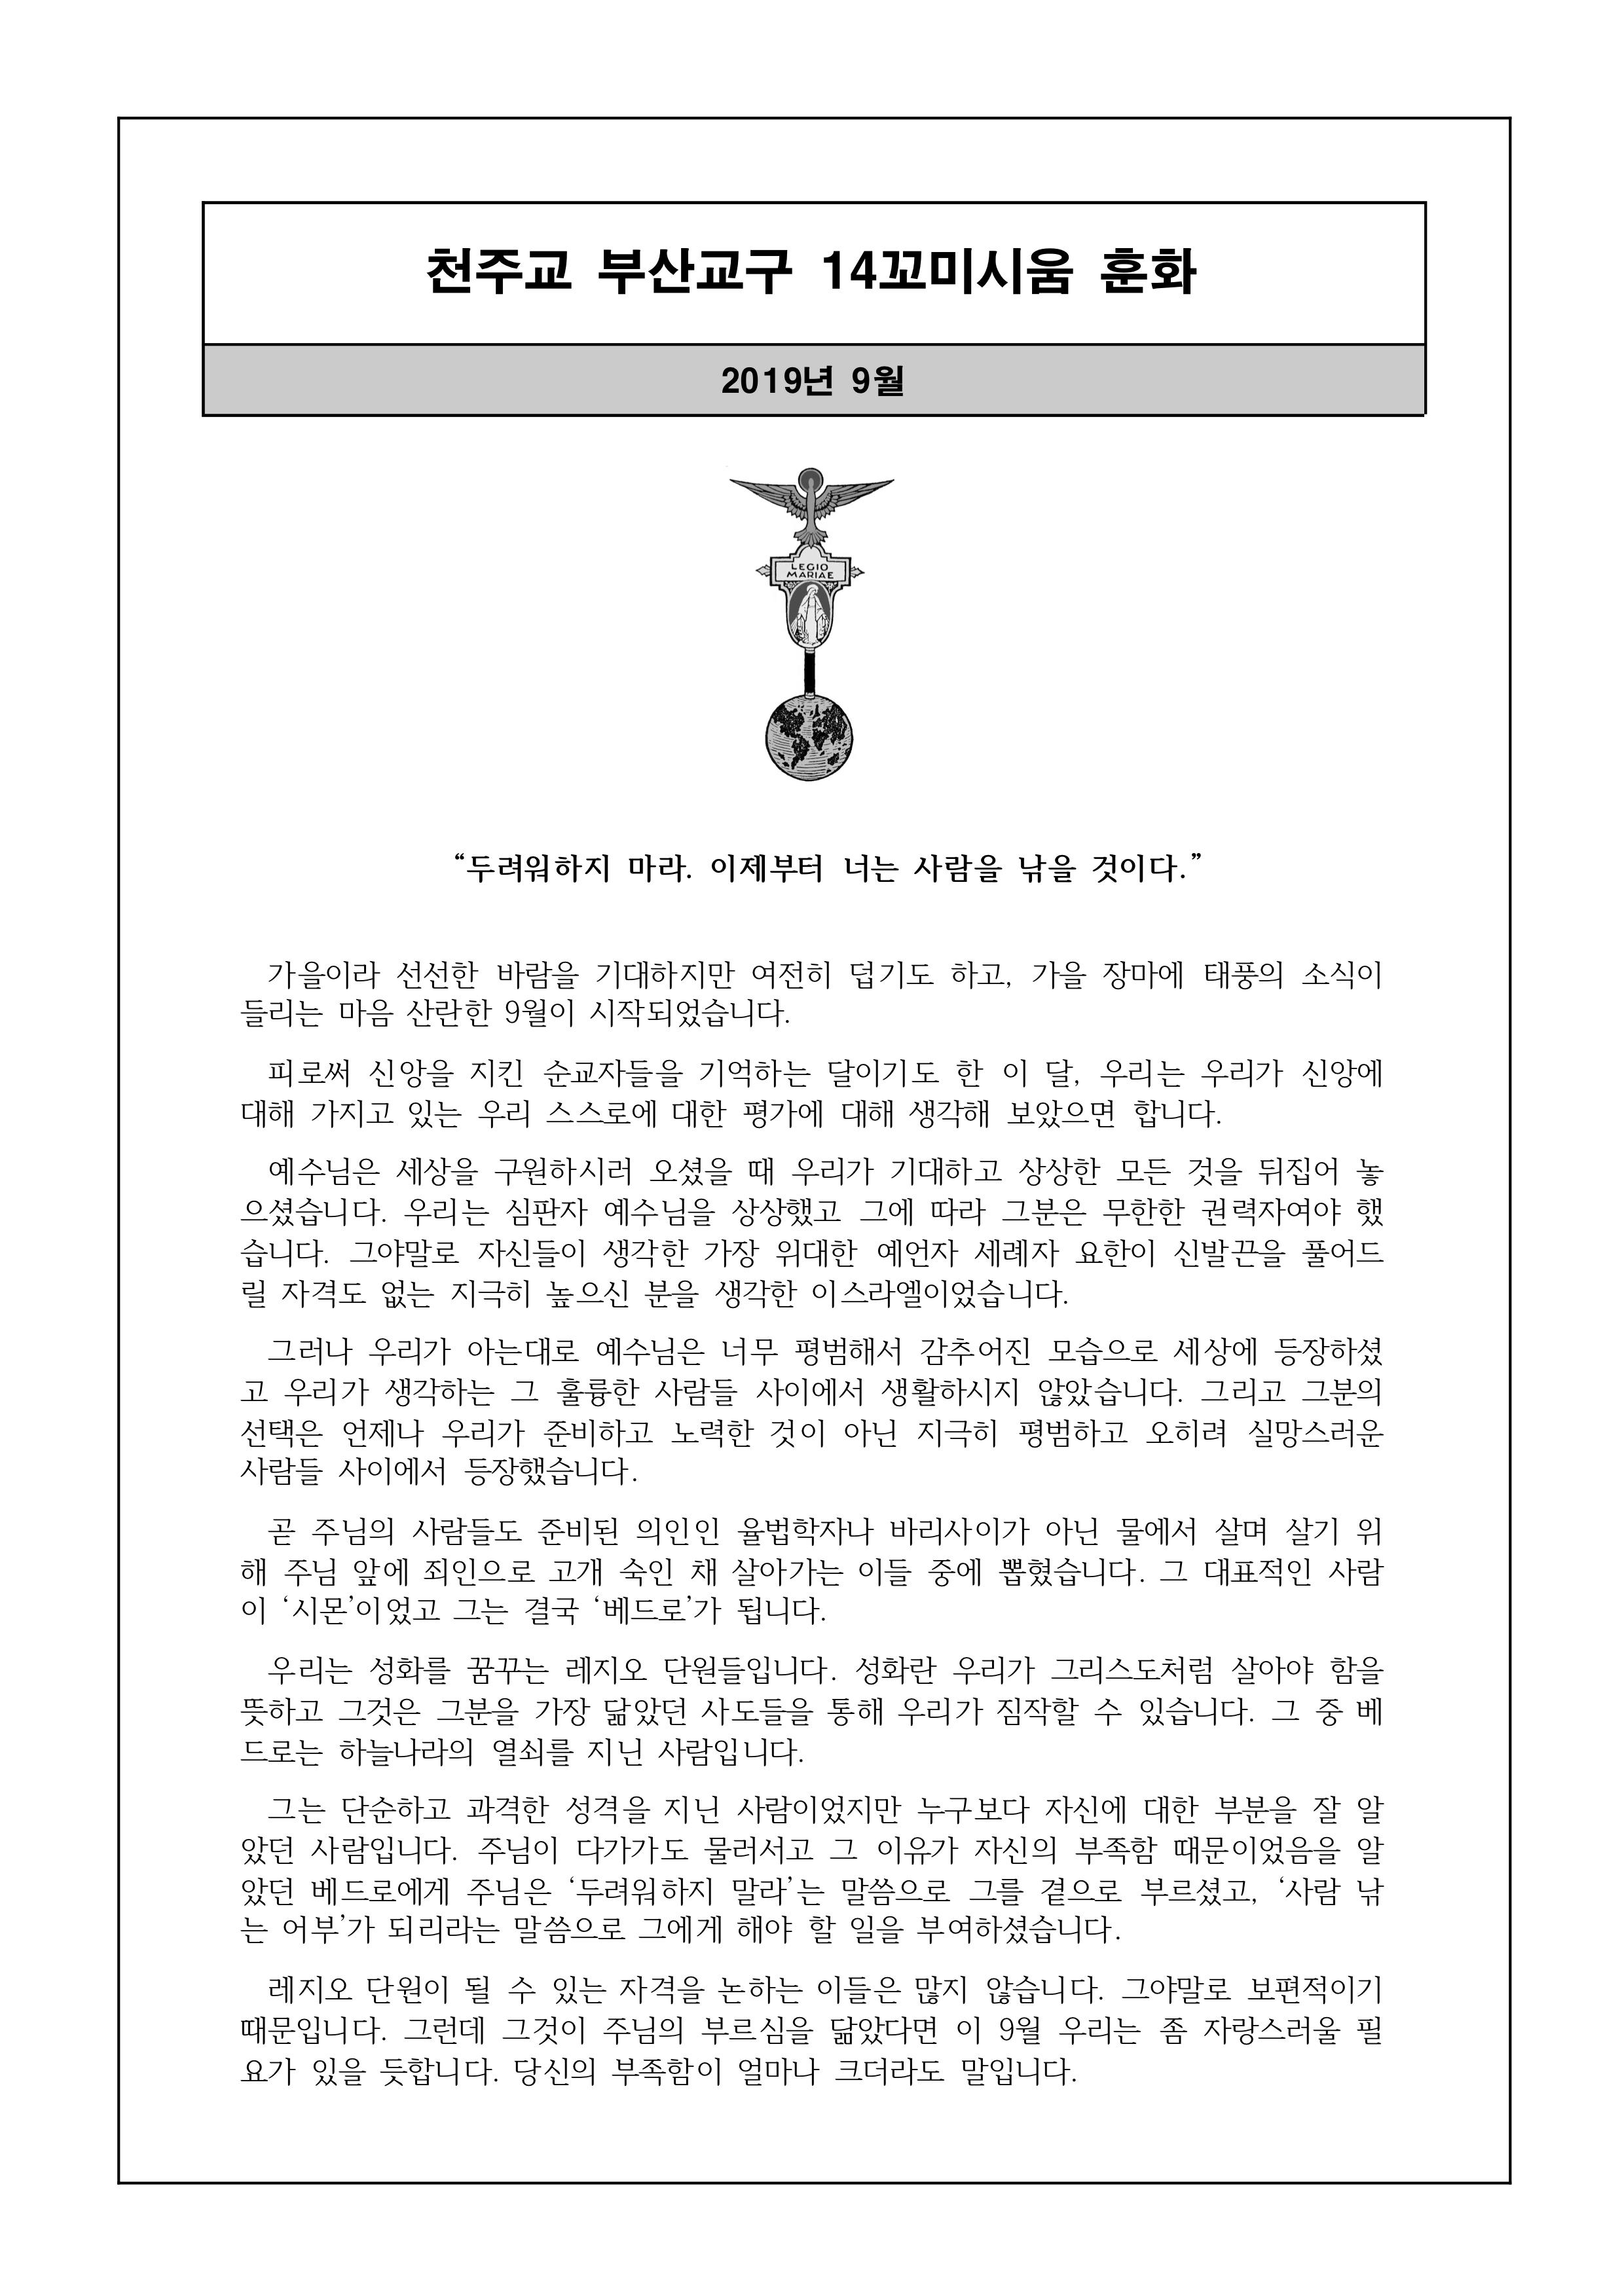 2019년 9월 꼬미시움 훈화.jpg